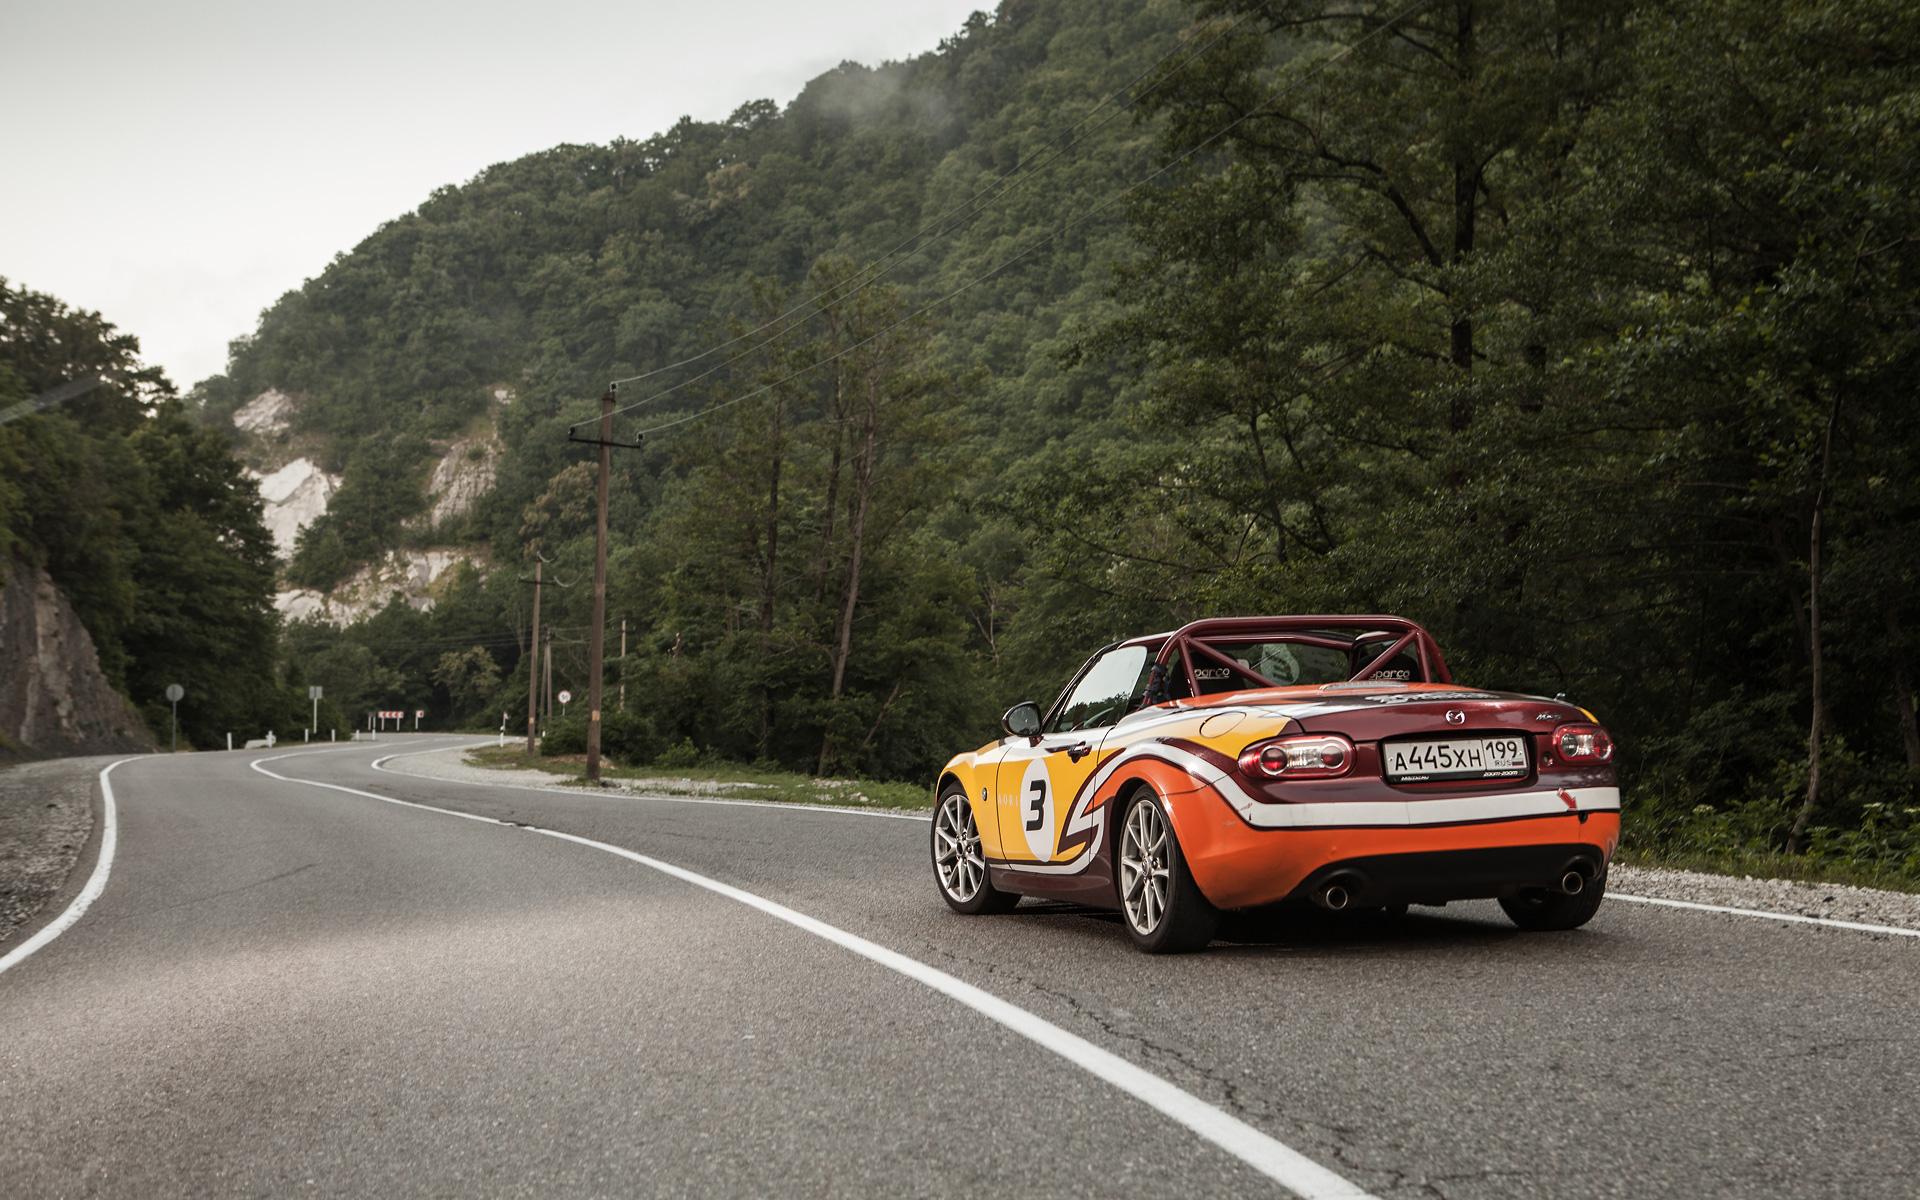 Ищем драйверские дороги России за рулем Mazda MX-5 Aori. Фото 23